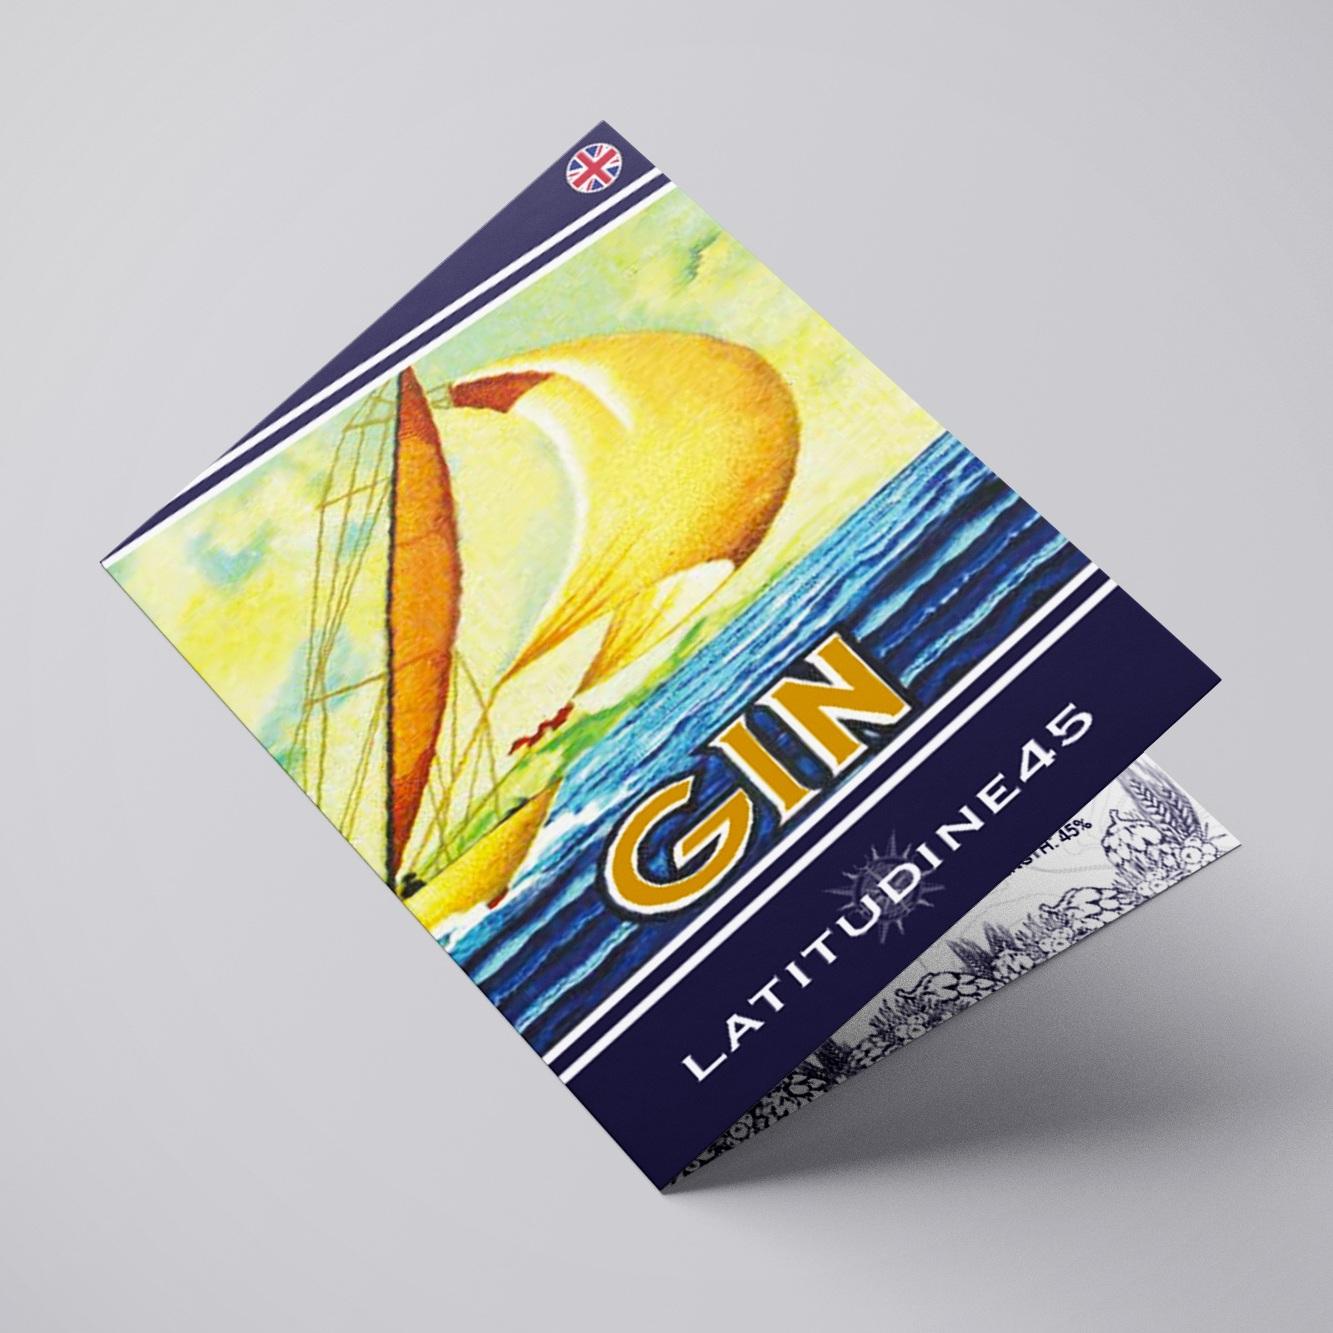 Ideazione e Realizzazione Leaflet Gin Latitudine 45